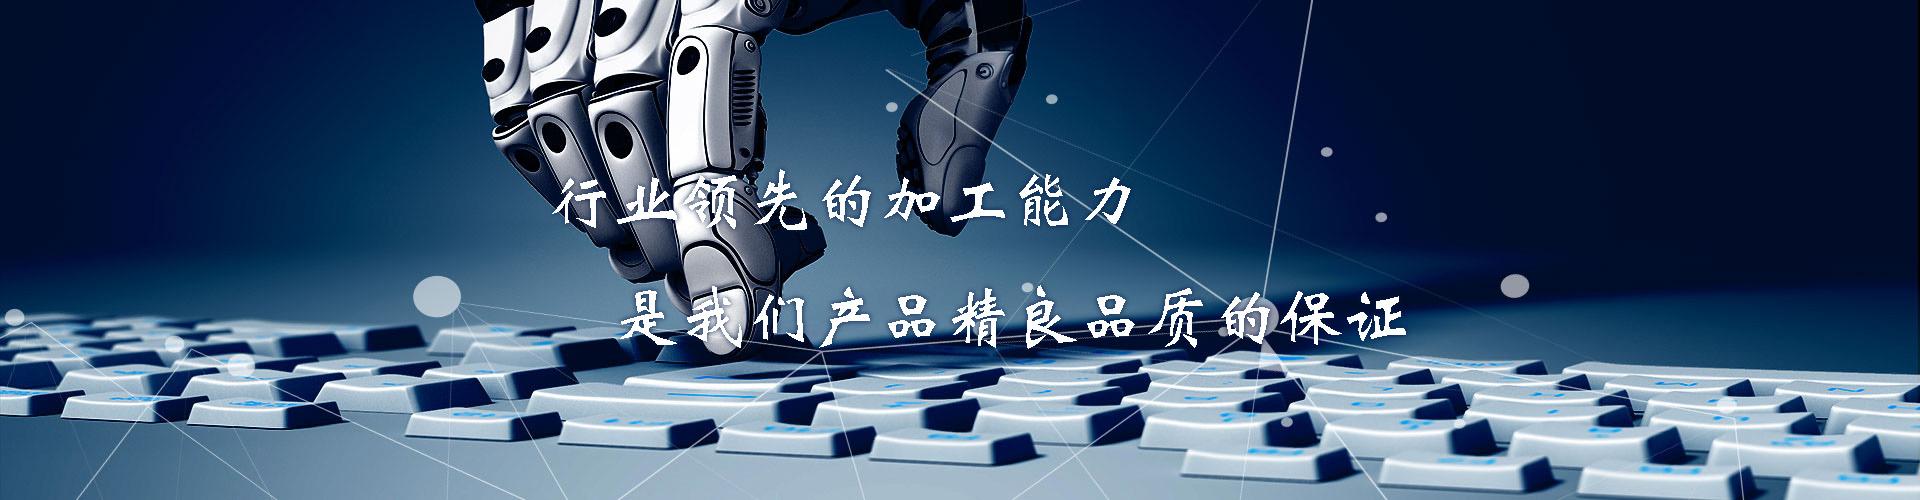 合肥中辰轻工机械-banner2